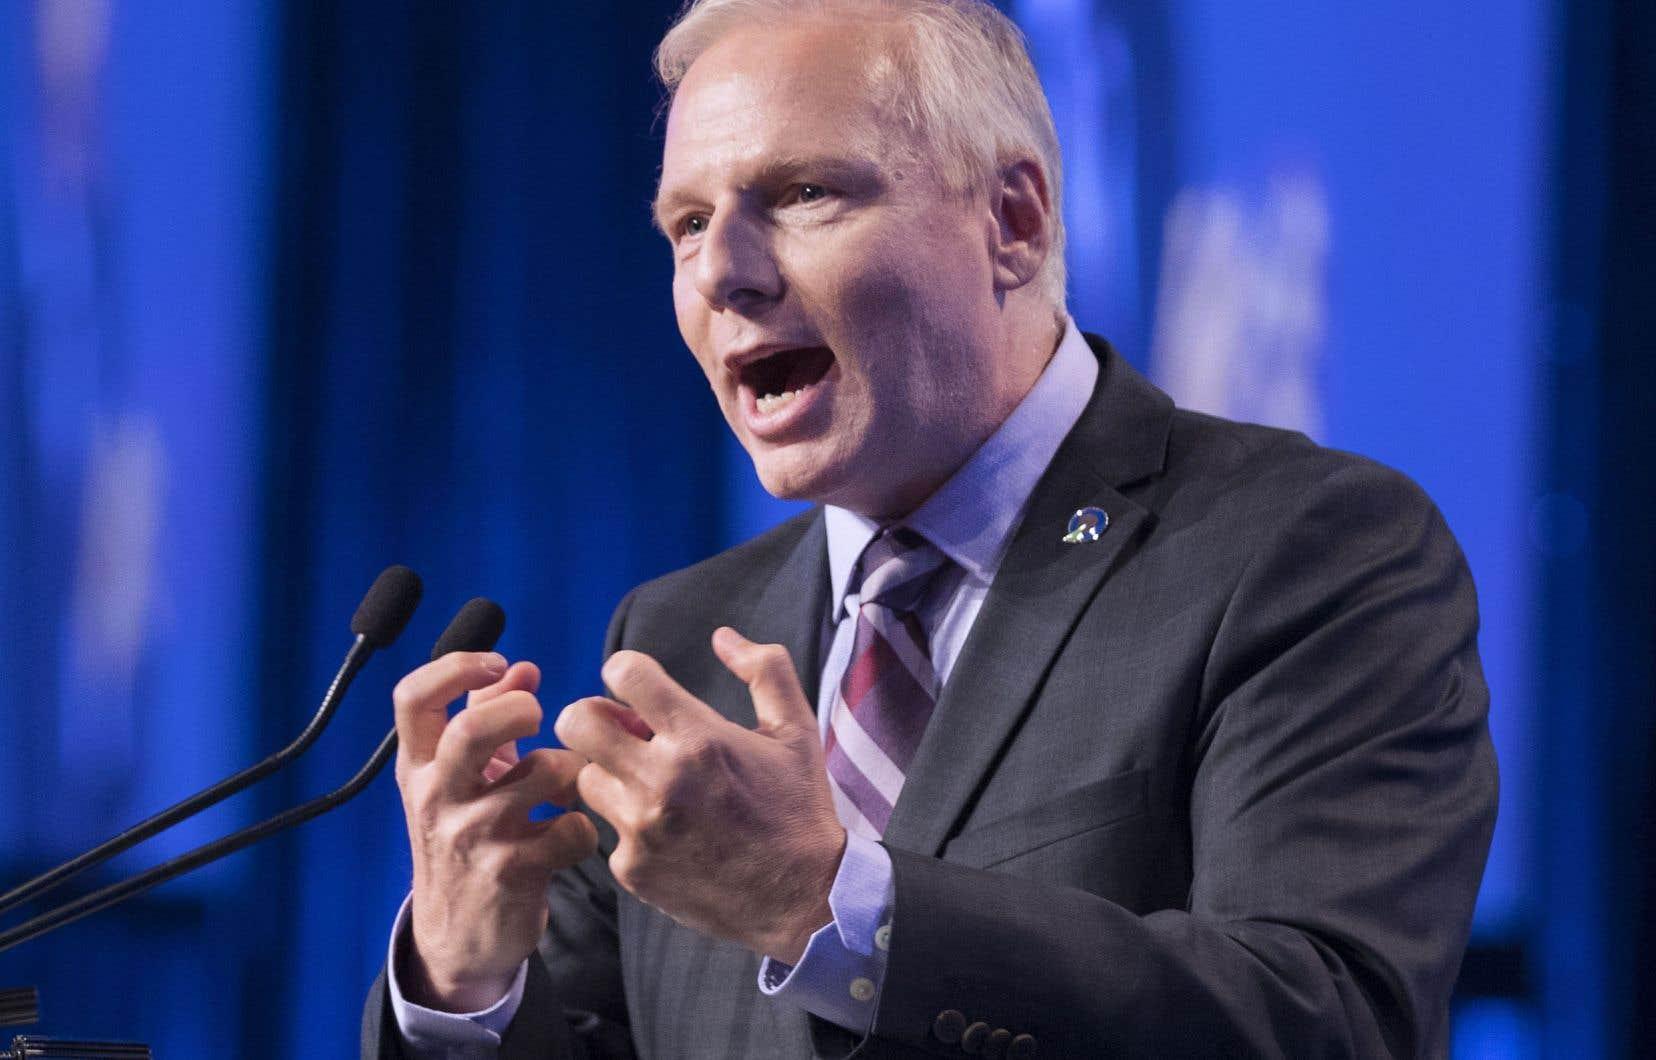 Jean-François Lisée profite de la position délicate des libéraux en santé, qui ont annoncé la semaine dernière l'augmentation de la rémunération des médecins spécialistes.